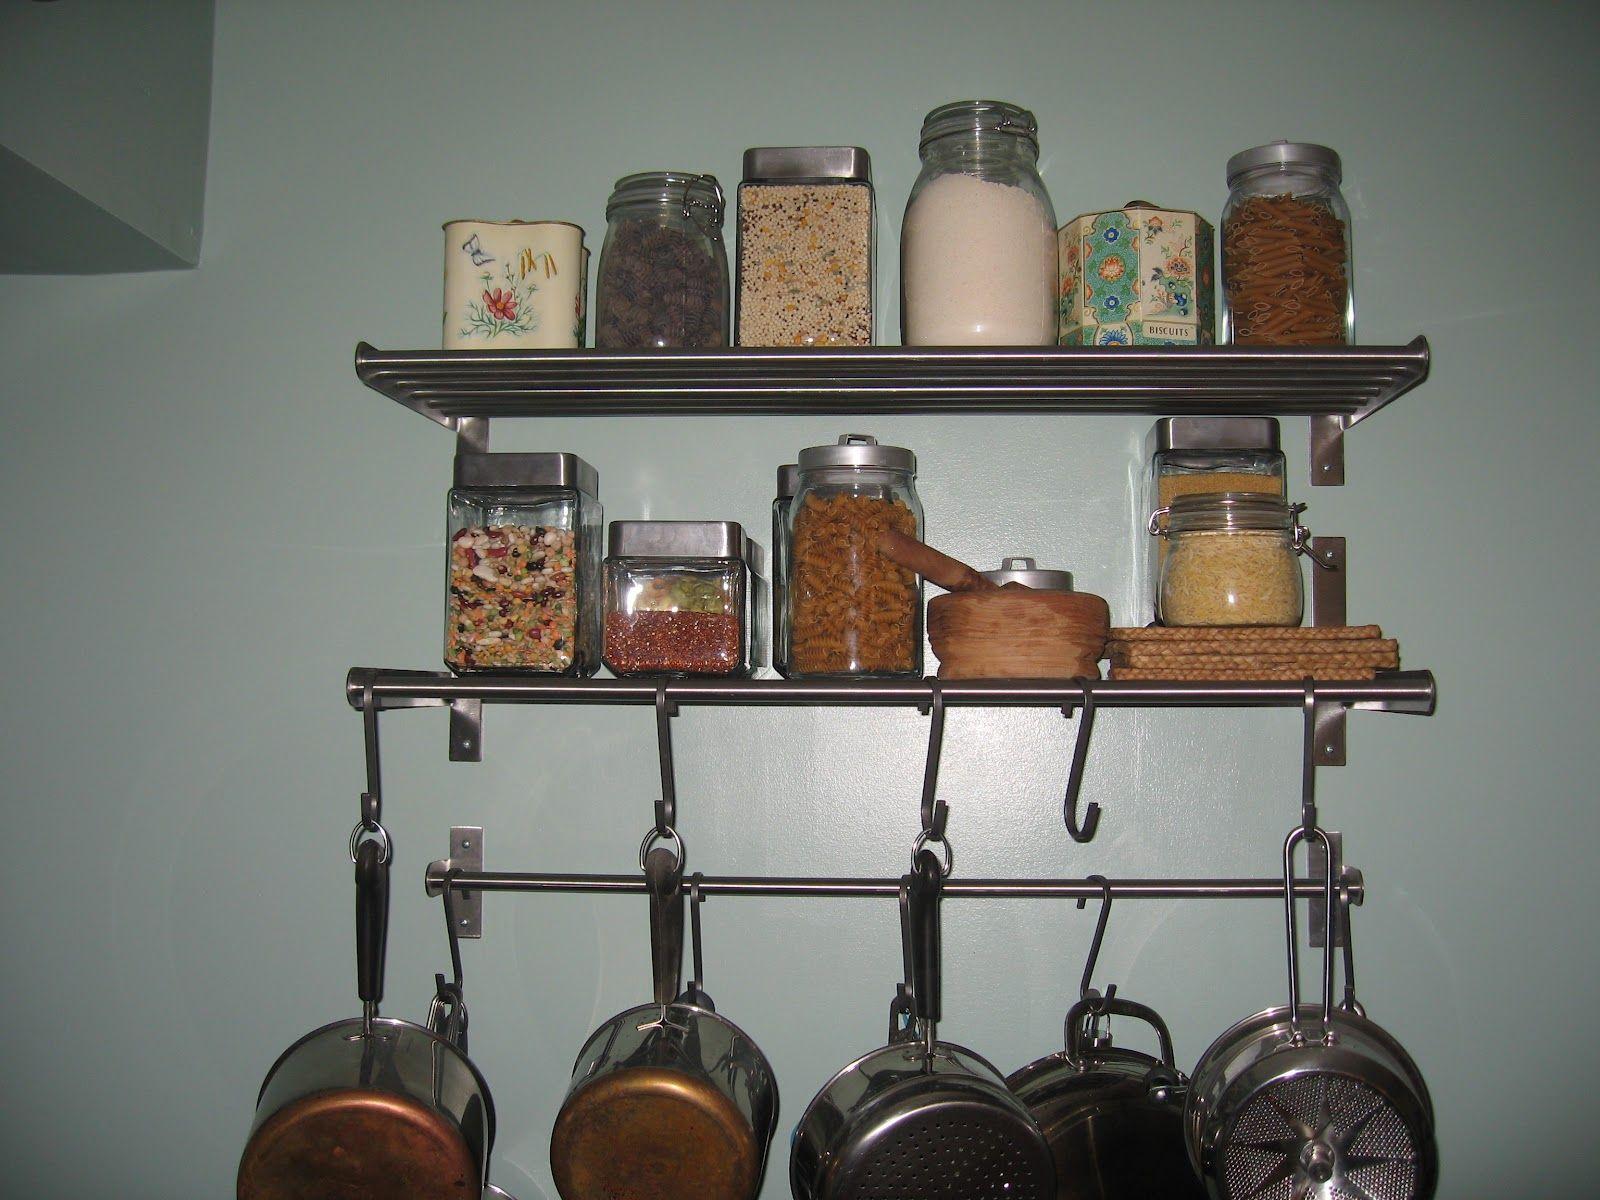 ikea kitchen wall hooks Google Search